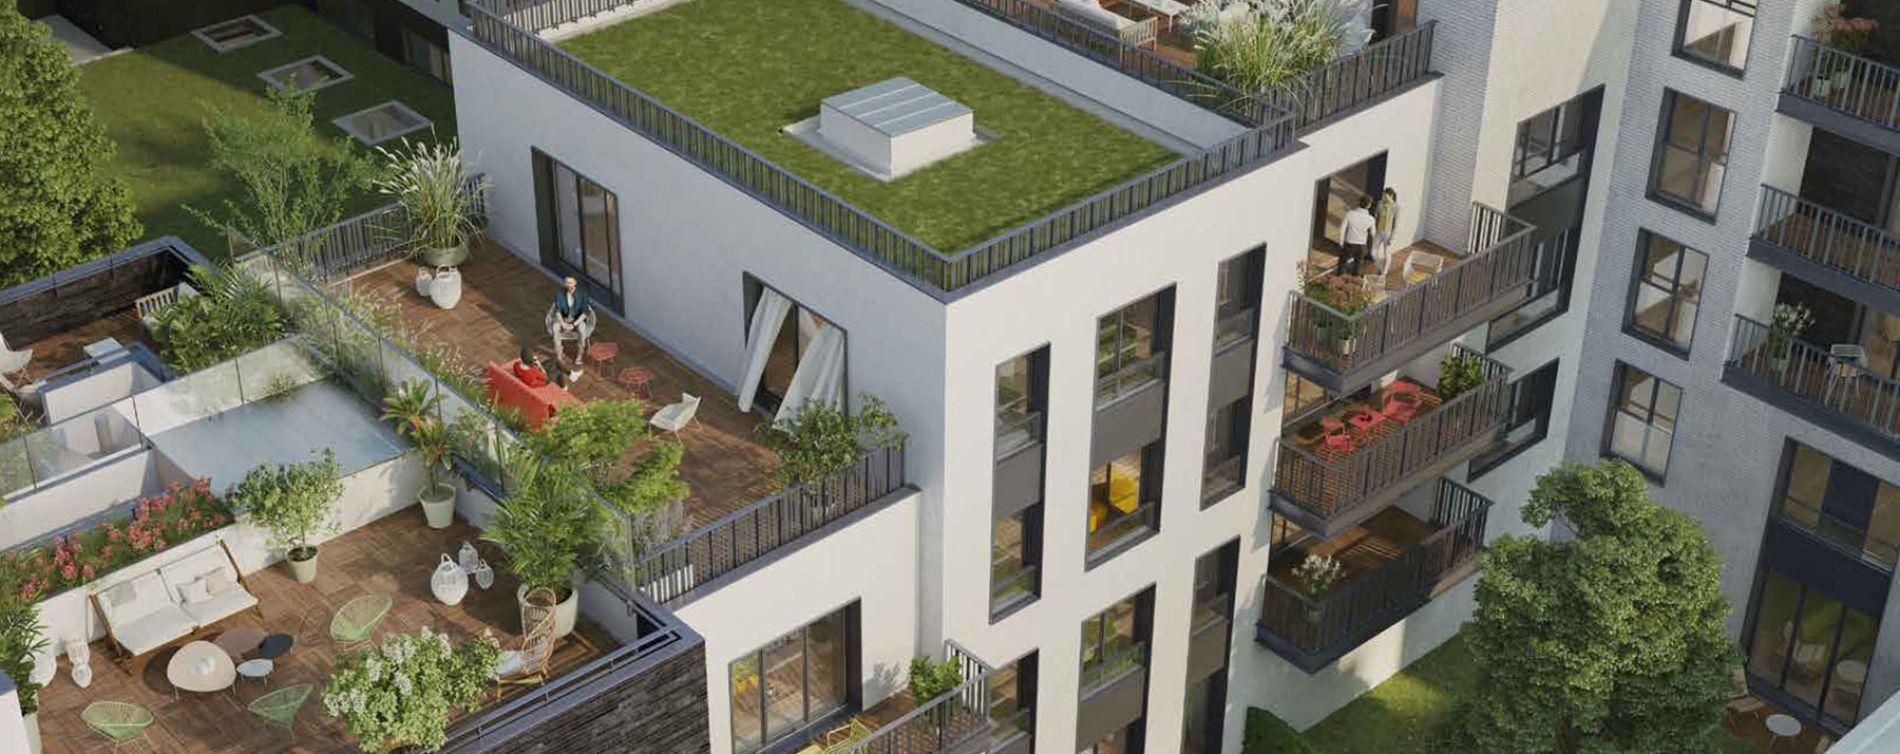 Boulogne-Billancourt : programme immobilier neuve « 128' Aguesseau » (2)